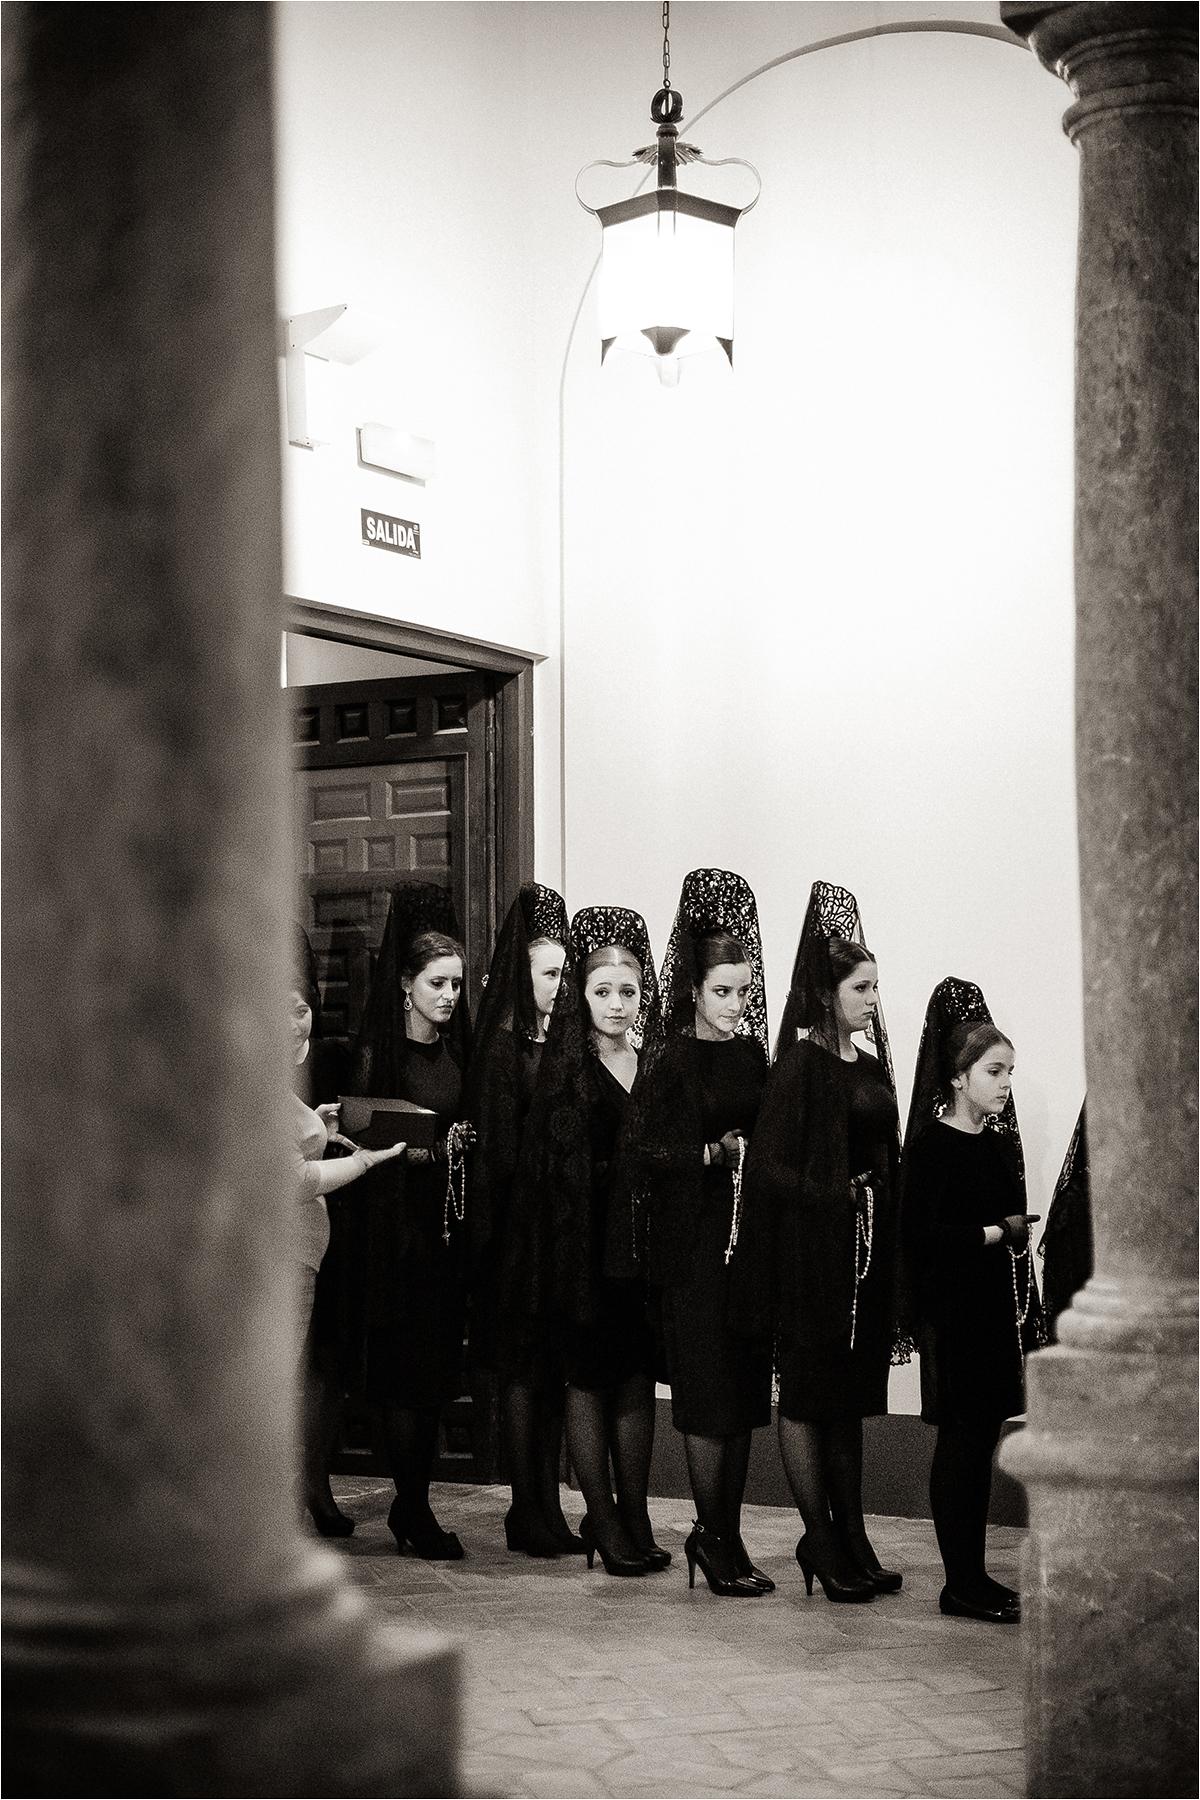 Gedulinėmis mantilijomis pasipuošusios merginos prie bažnyčios.